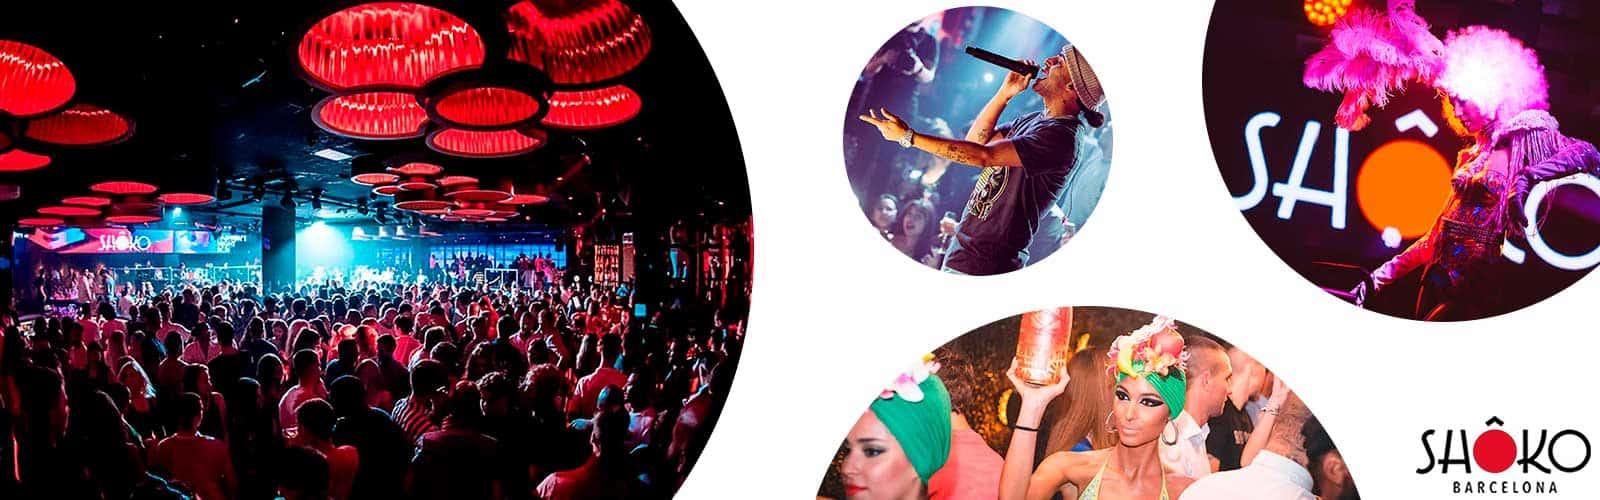 Discoteca Shoko Barcelona